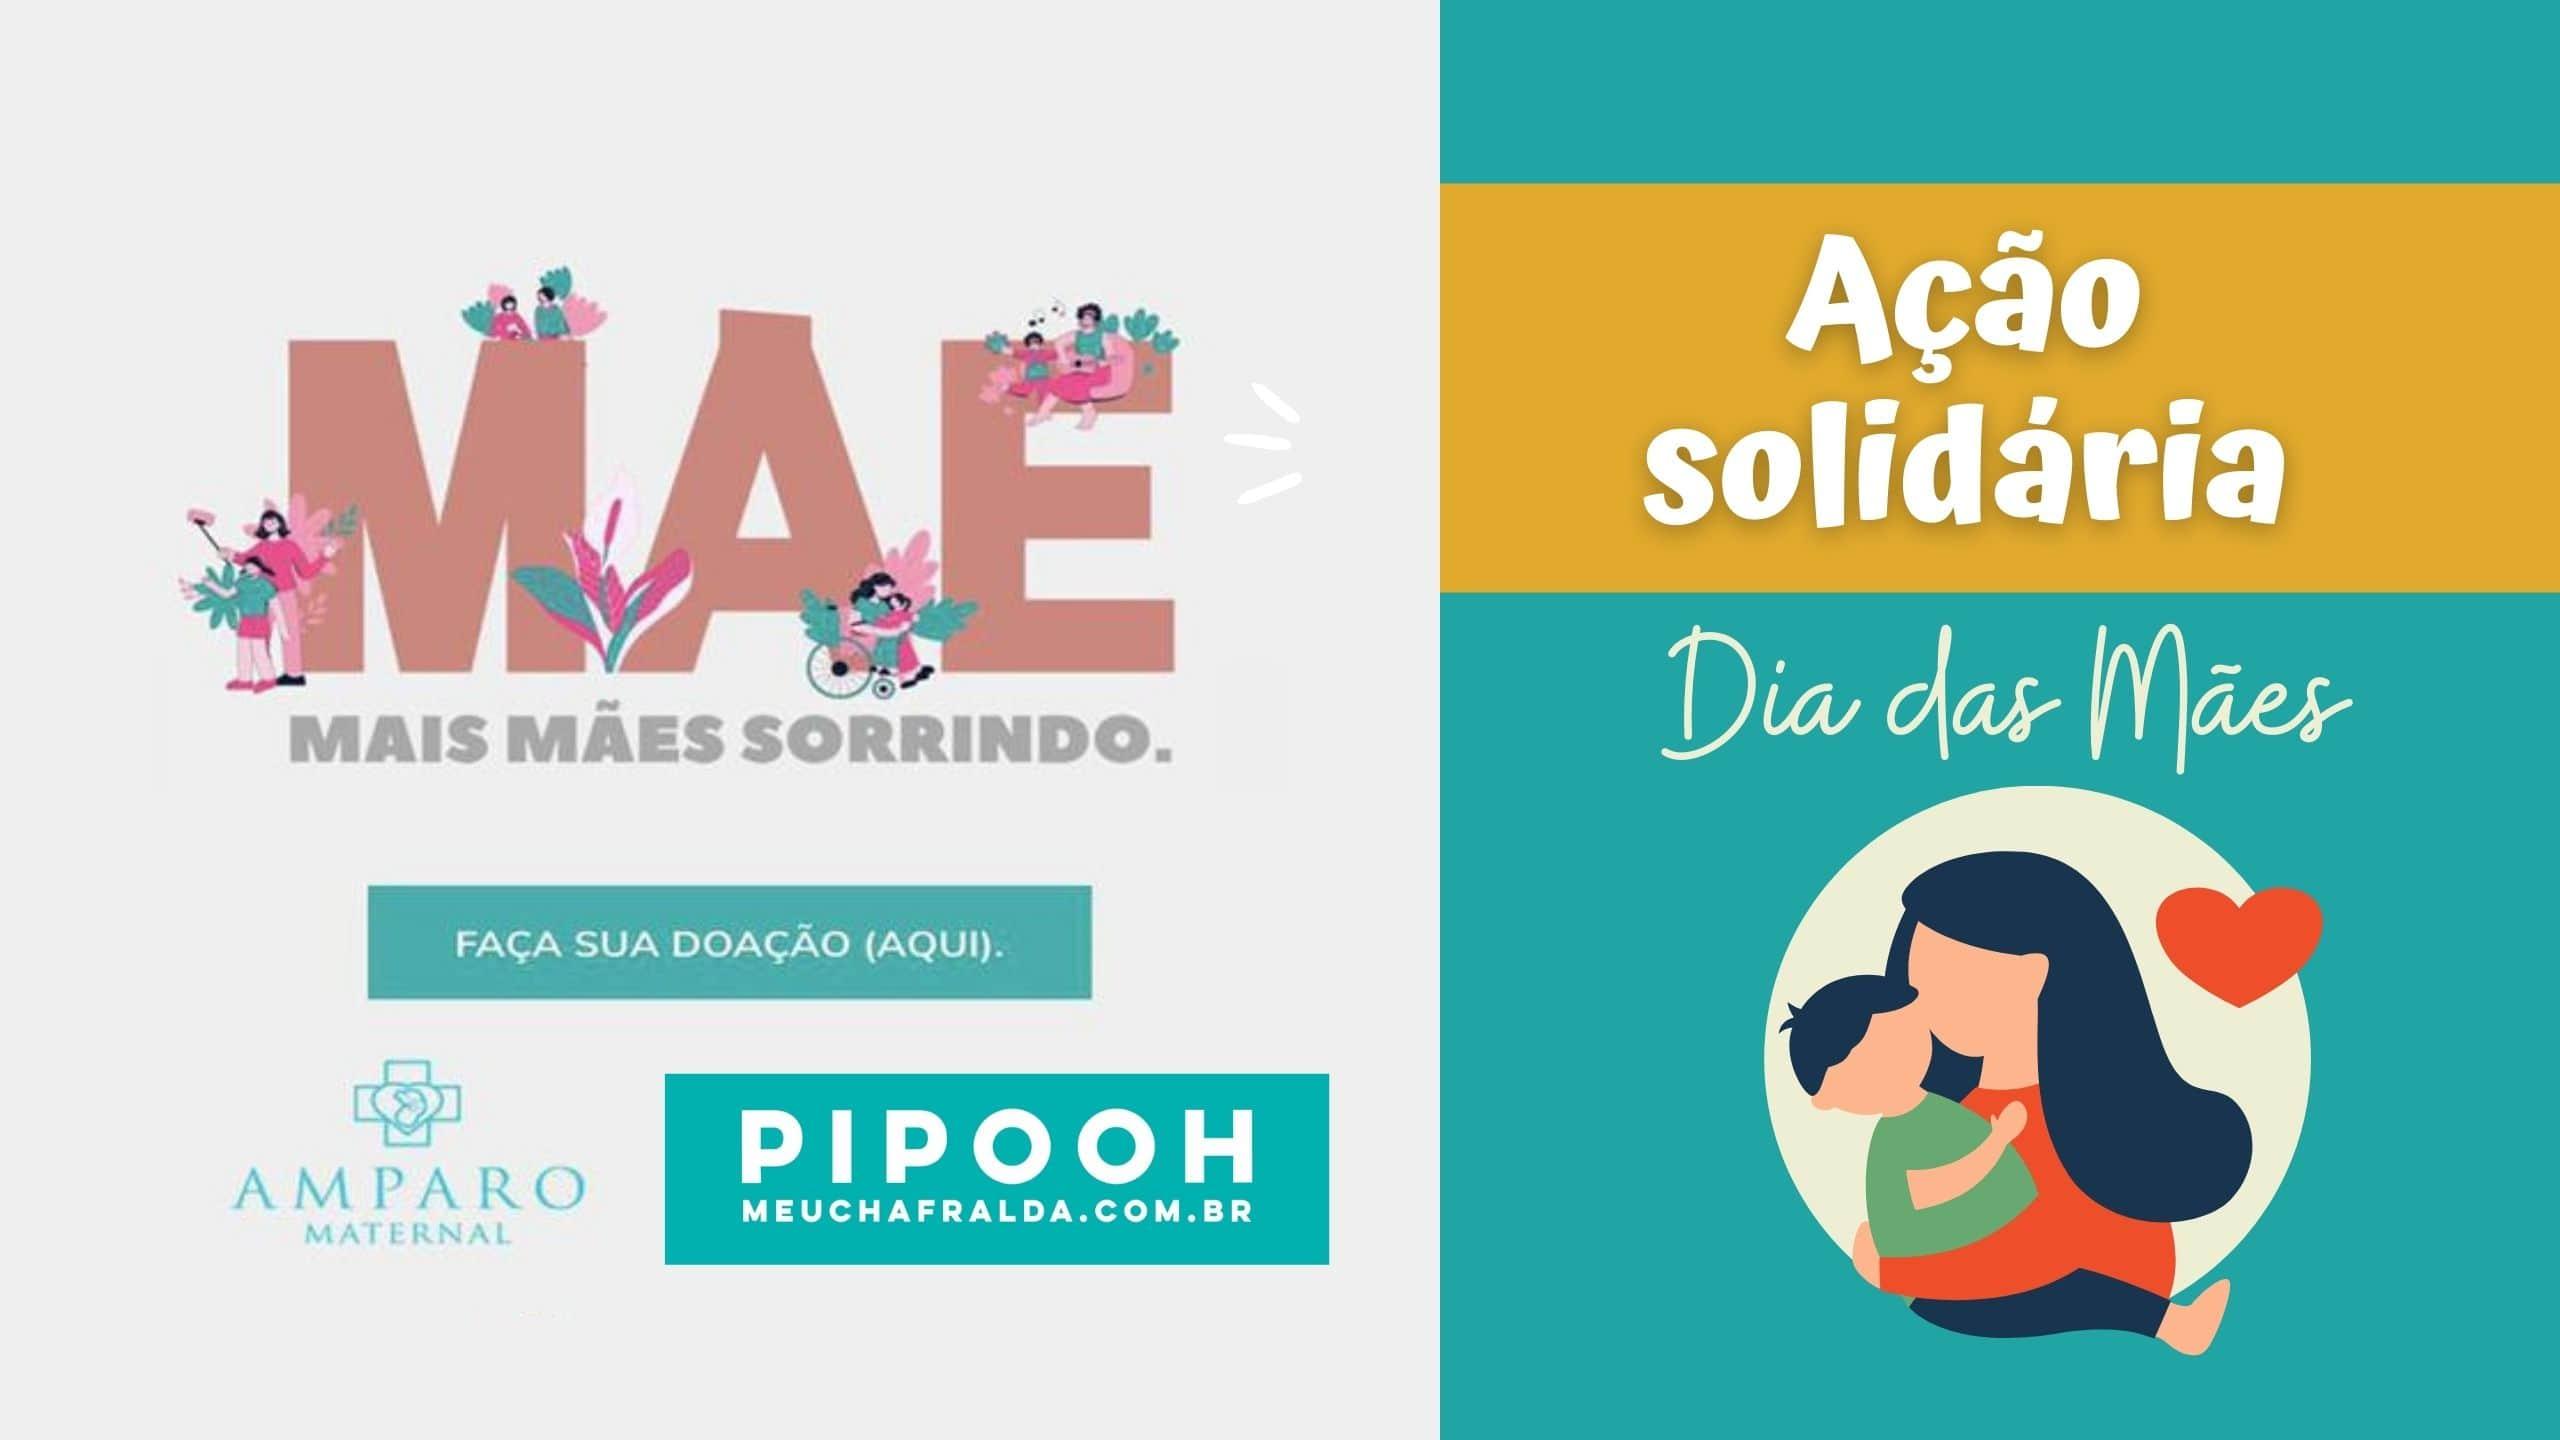 Pipooh abre ação solidária de Dia das Mães